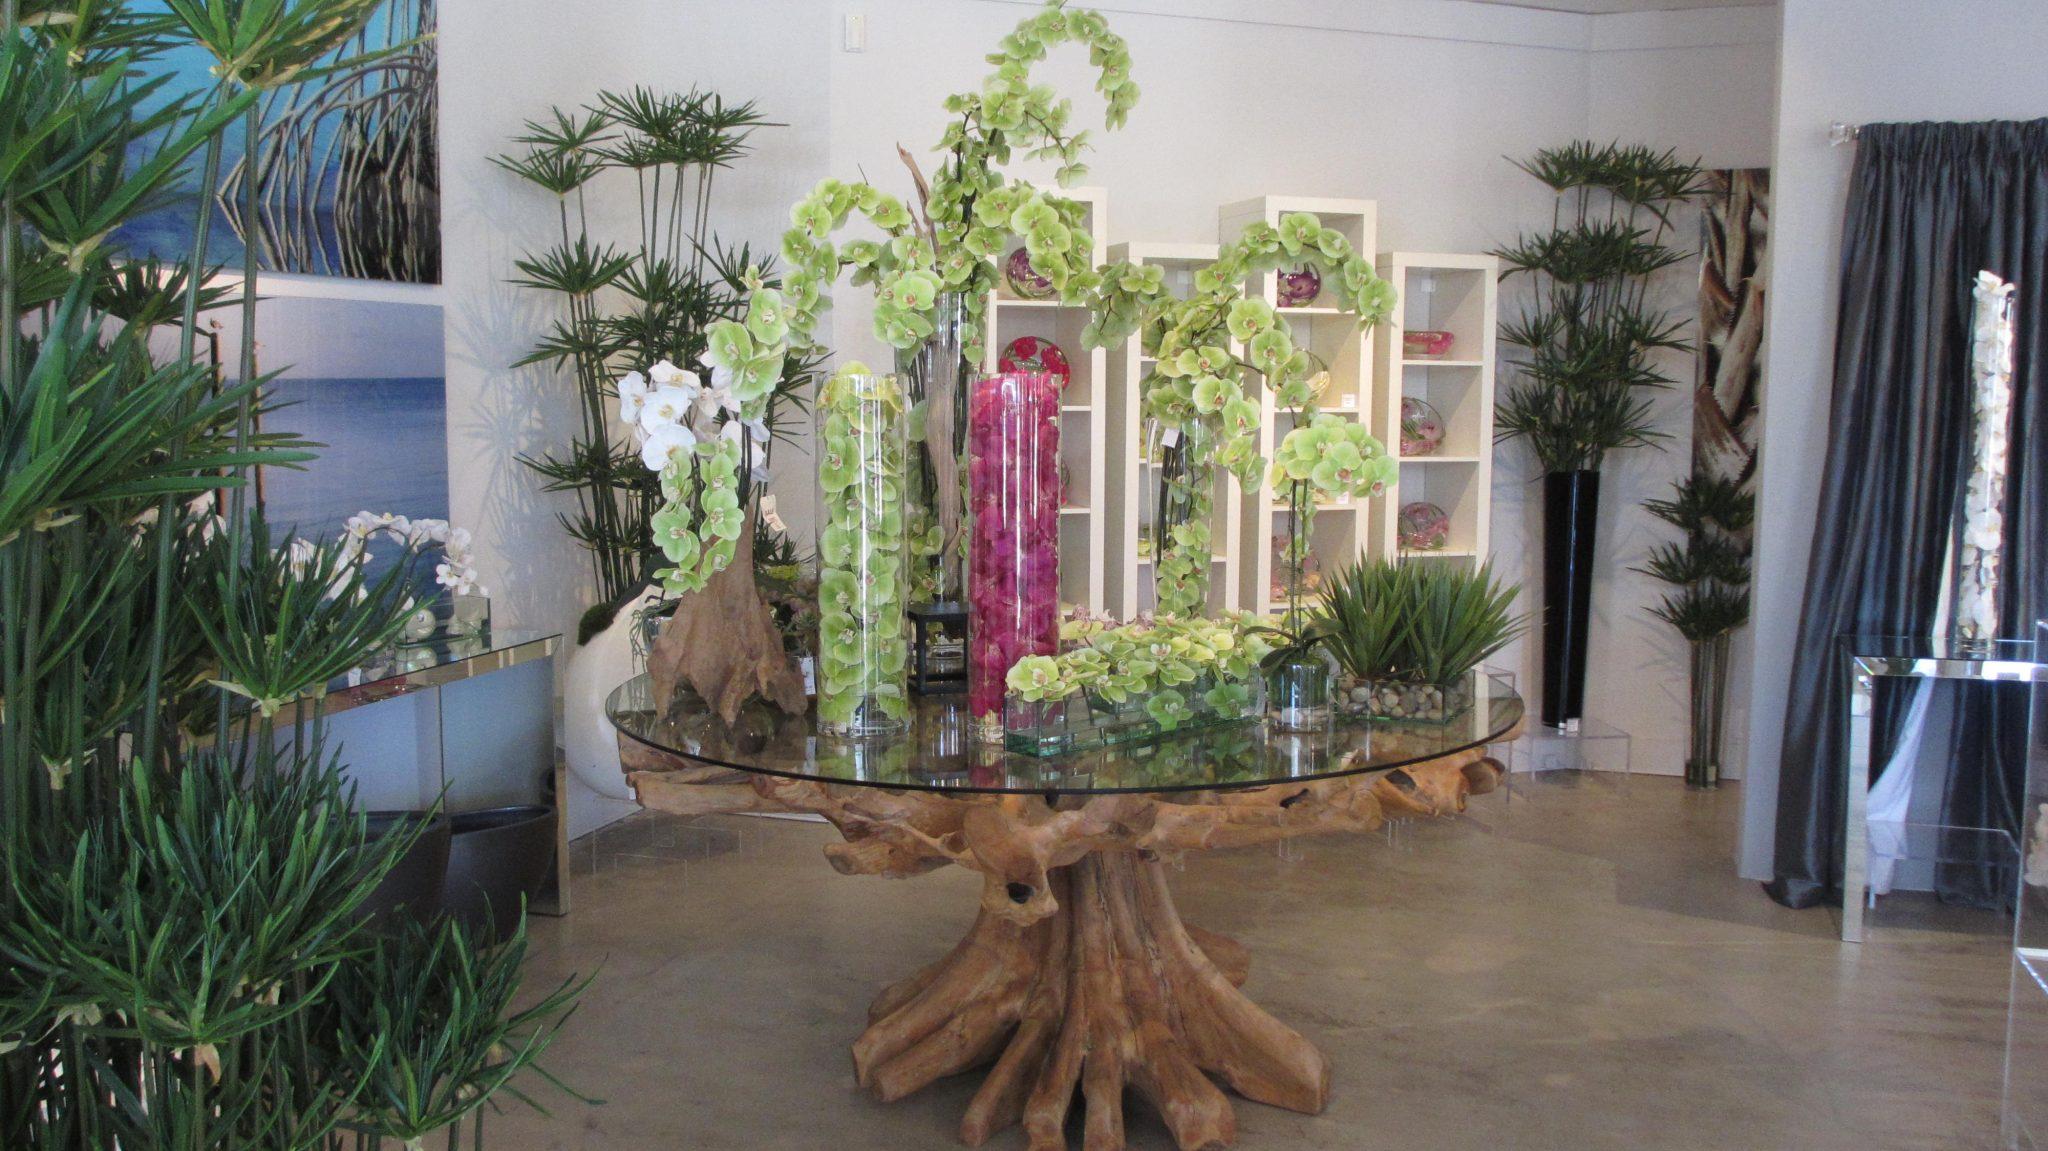 flower shop in miami: